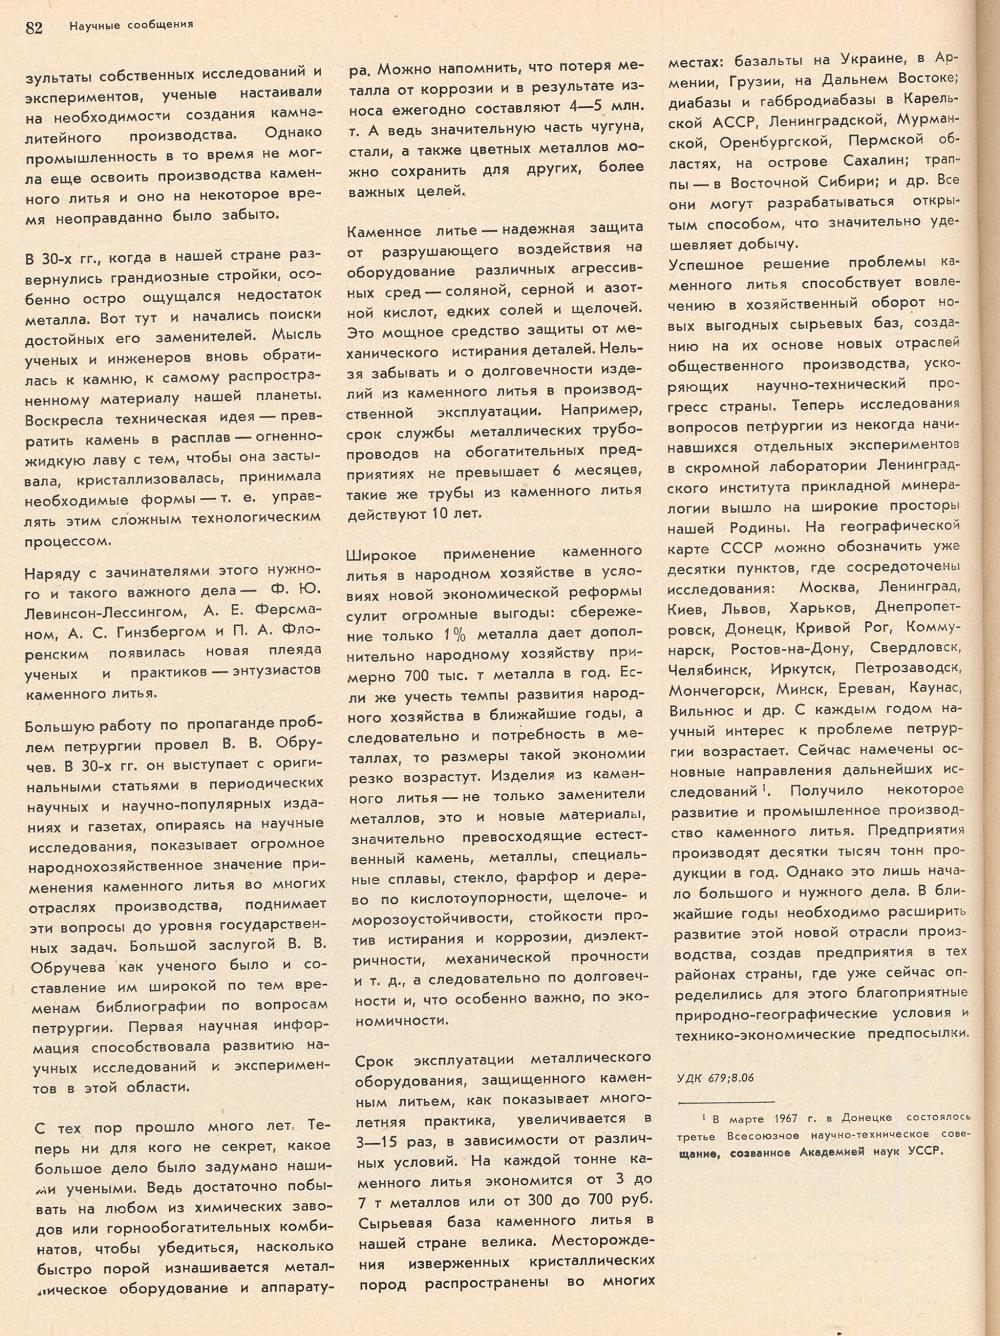 Обсуждения, дополняющие тему Возрождения - Страница 9 Aa_00810